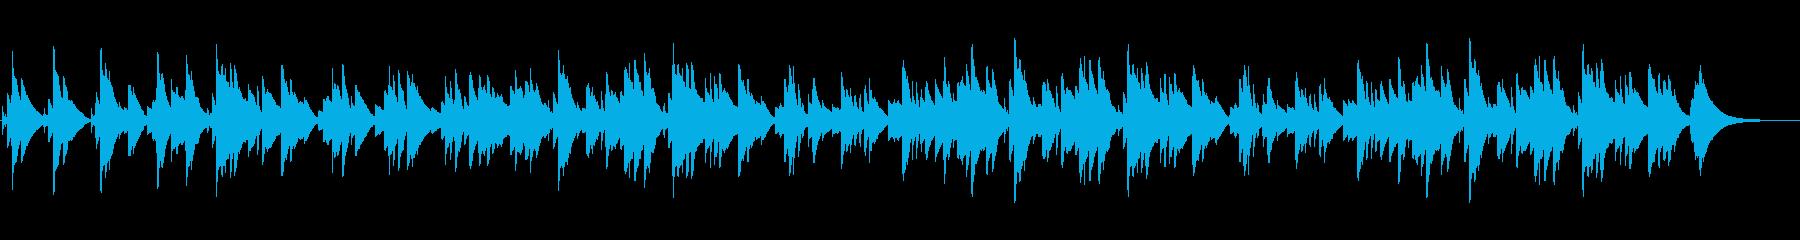 眠くなるオルゴールのBGM(約3分)の再生済みの波形